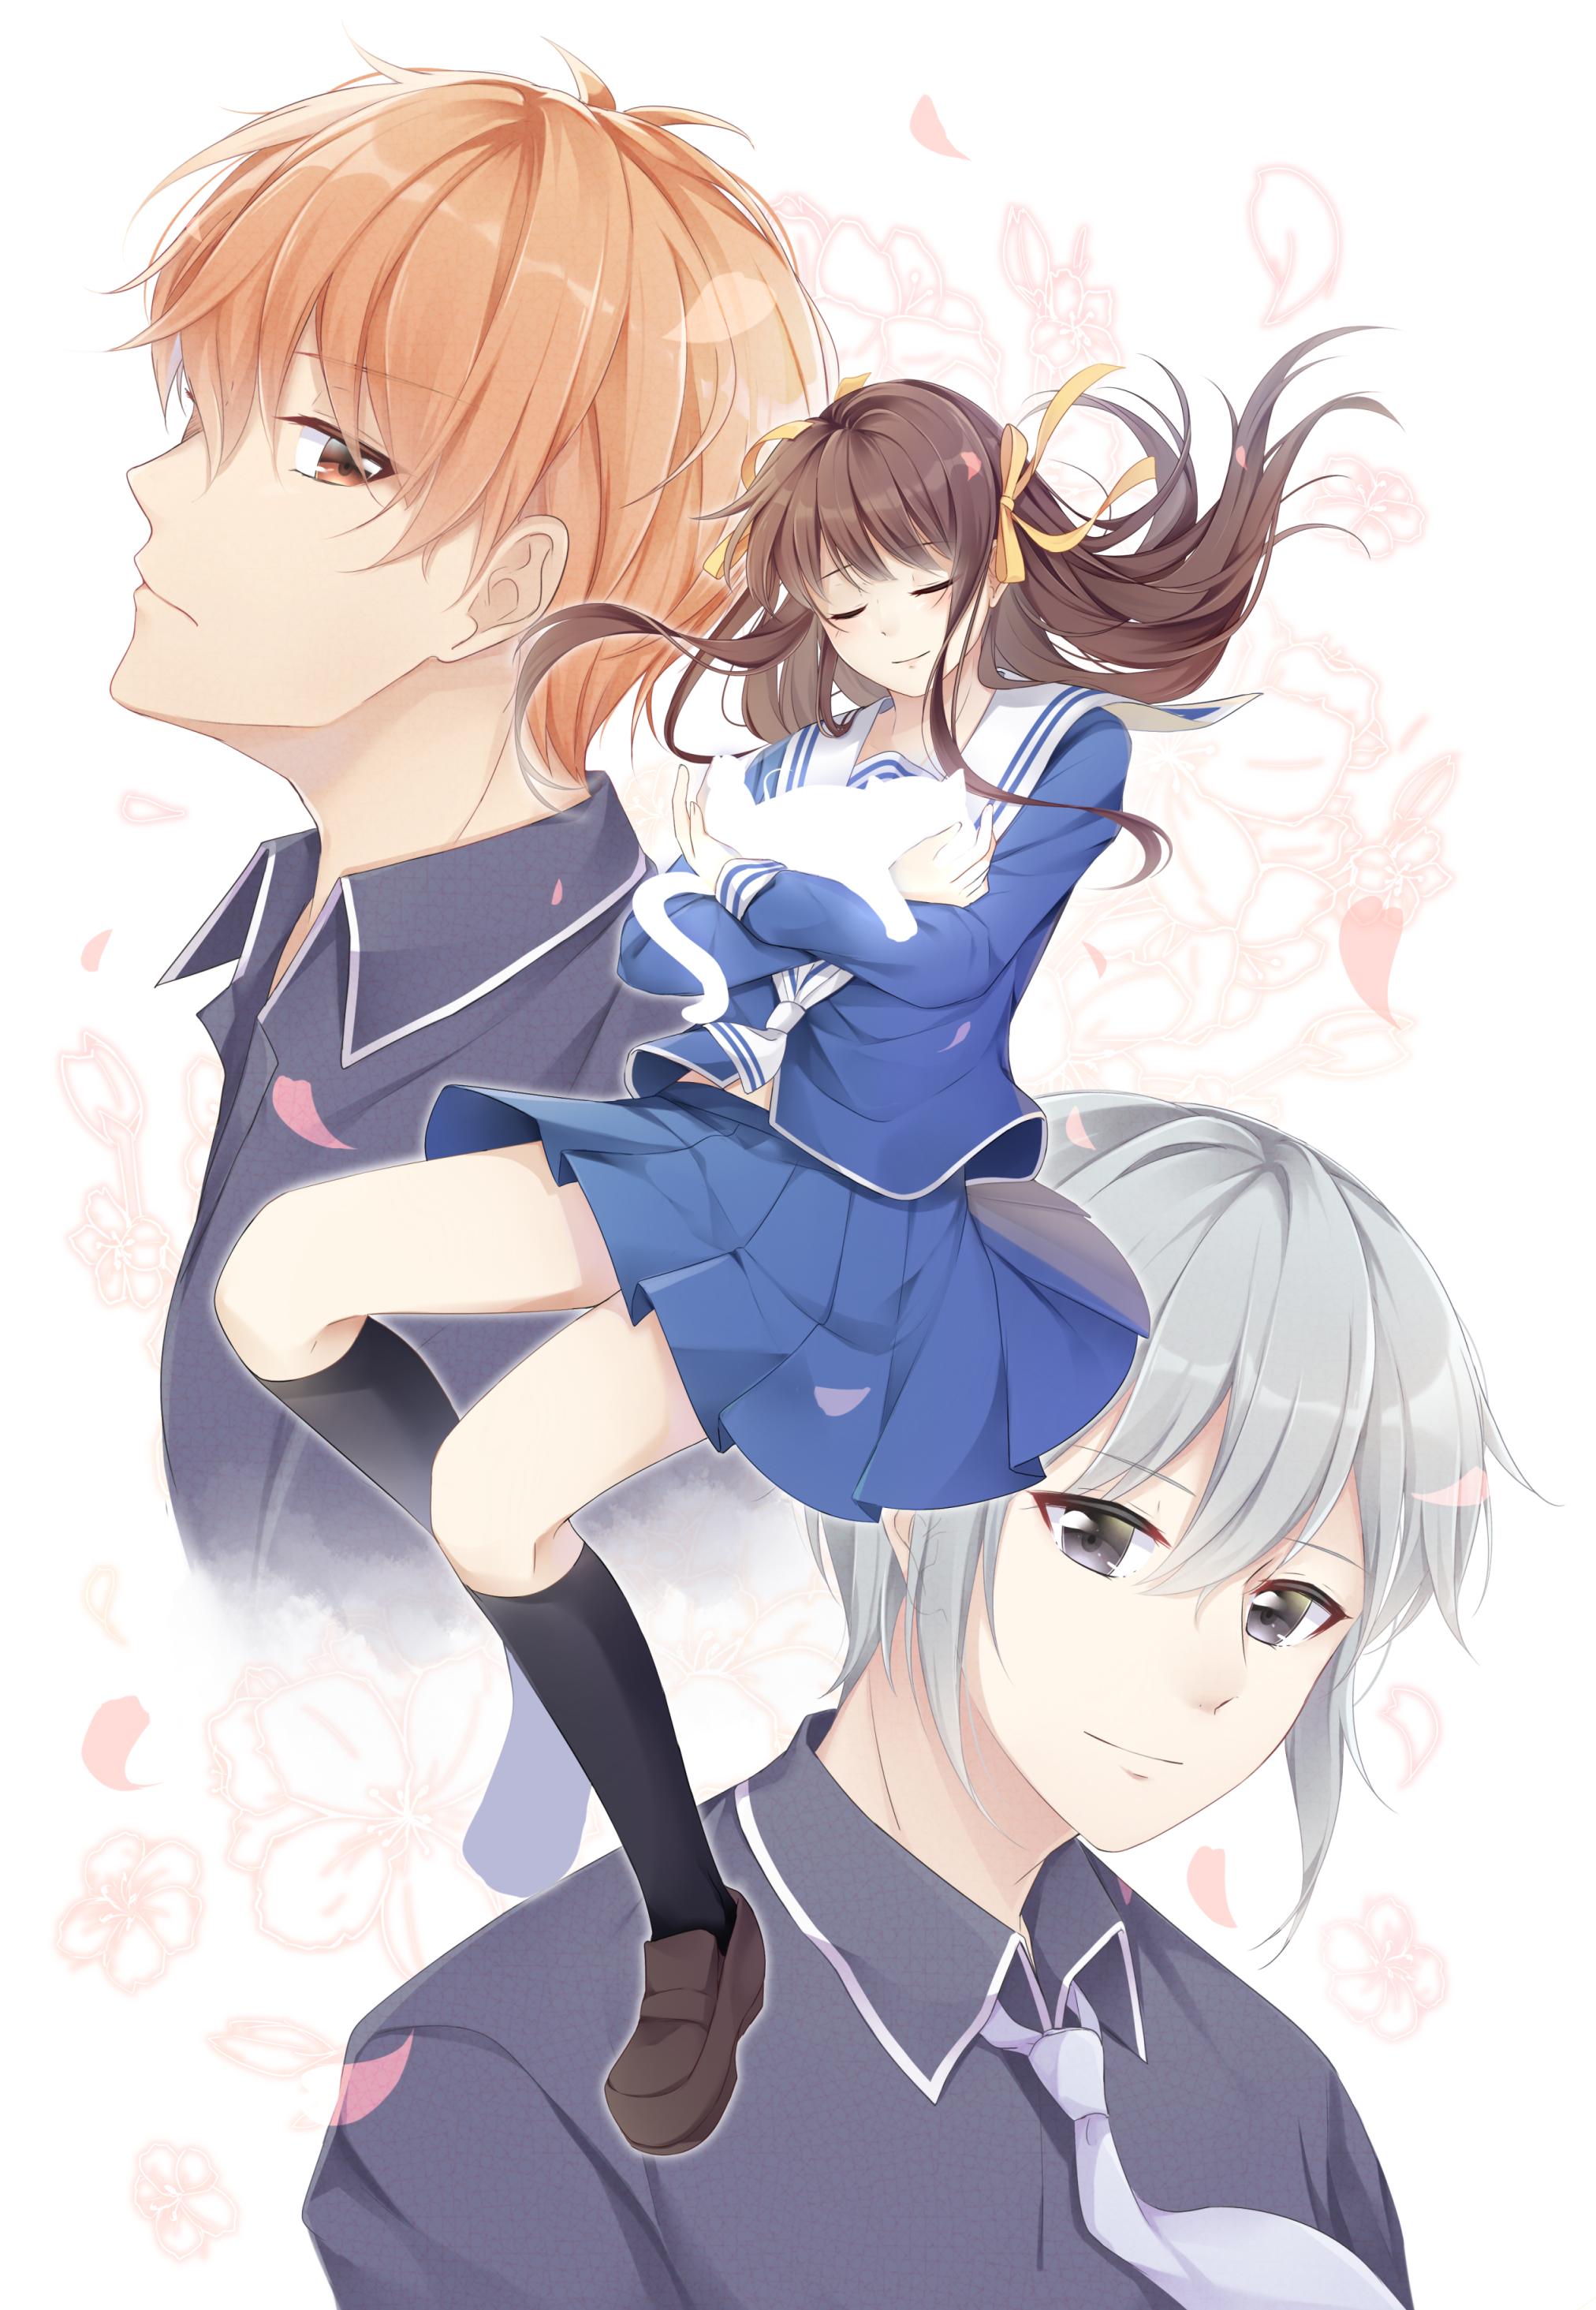 ▷ Komi-san wa, Komyushou desu confirmed the anime adaptation 〜 Anime Sweet  💕